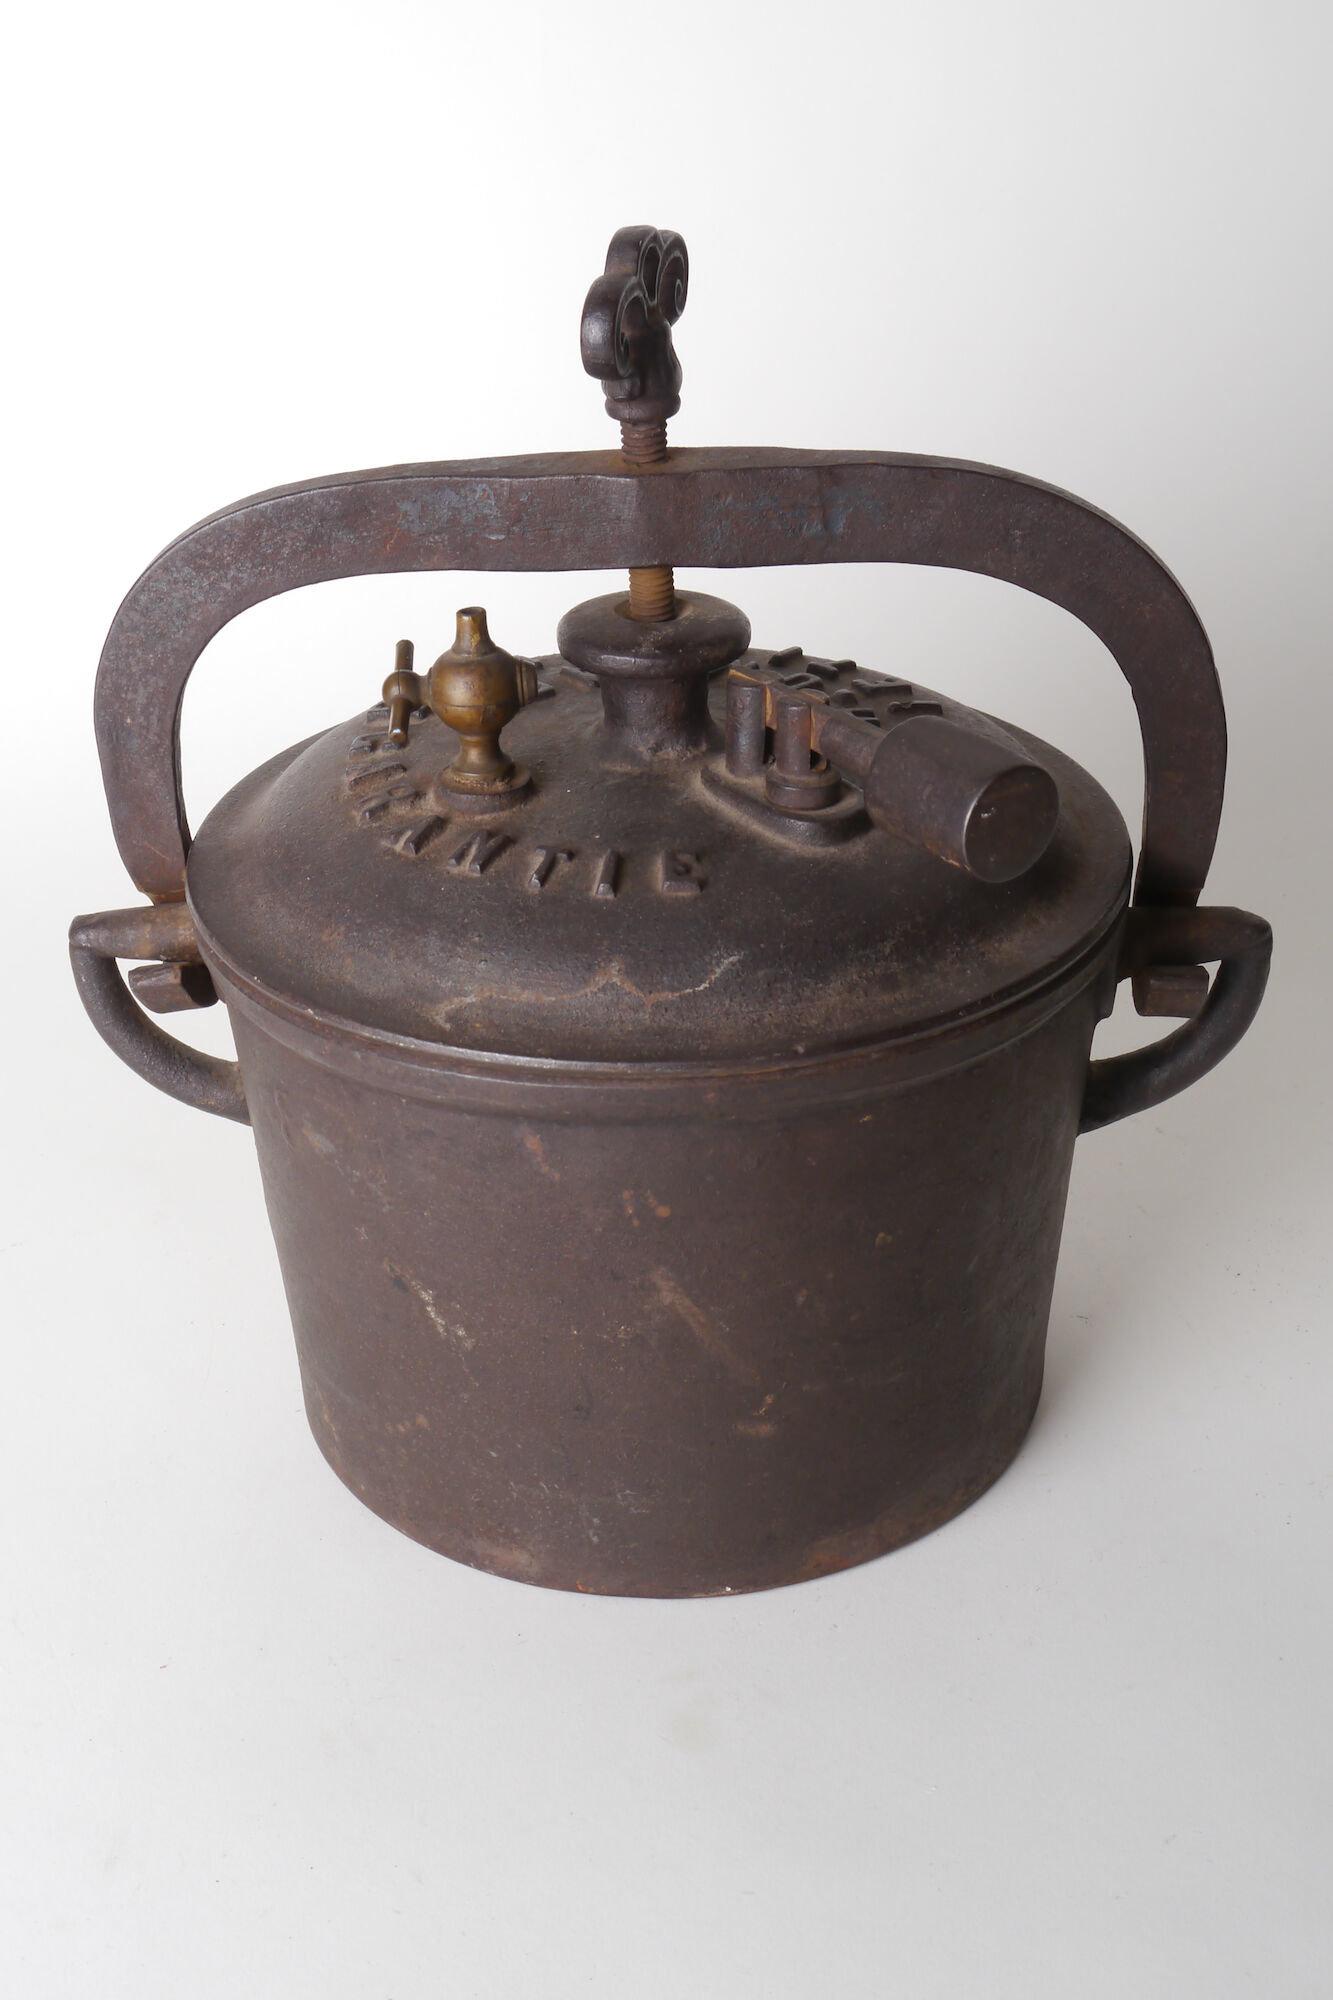 Snelkookpan van het merk Umbach